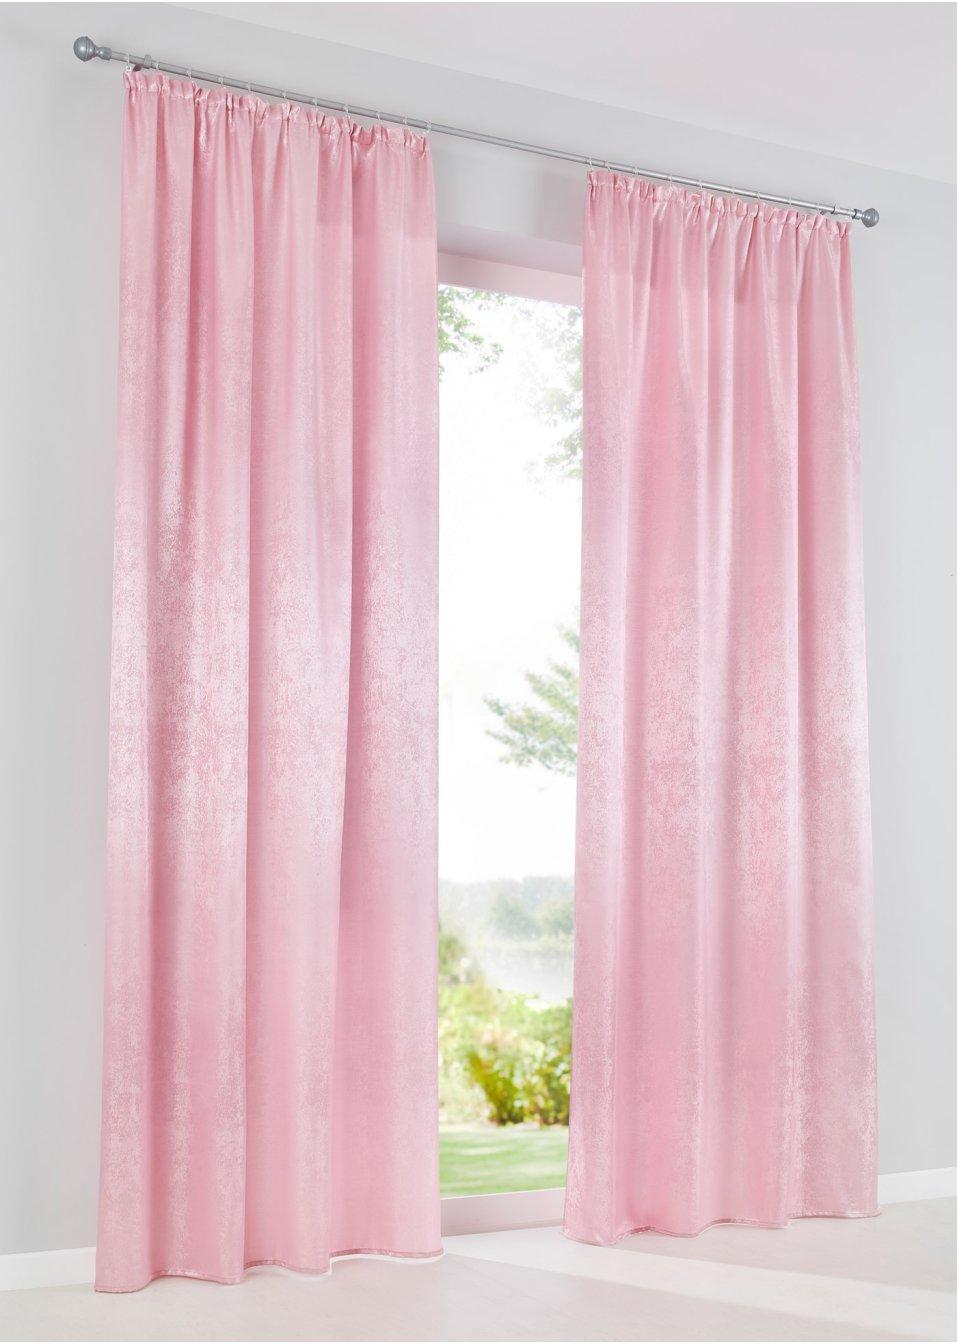 Full Size of Bon Prix Vorhänge Glnzende Aussichten Fr Dein Fenster Pink Bonprix Betten Küche Schlafzimmer Wohnzimmer Wohnzimmer Bon Prix Vorhänge